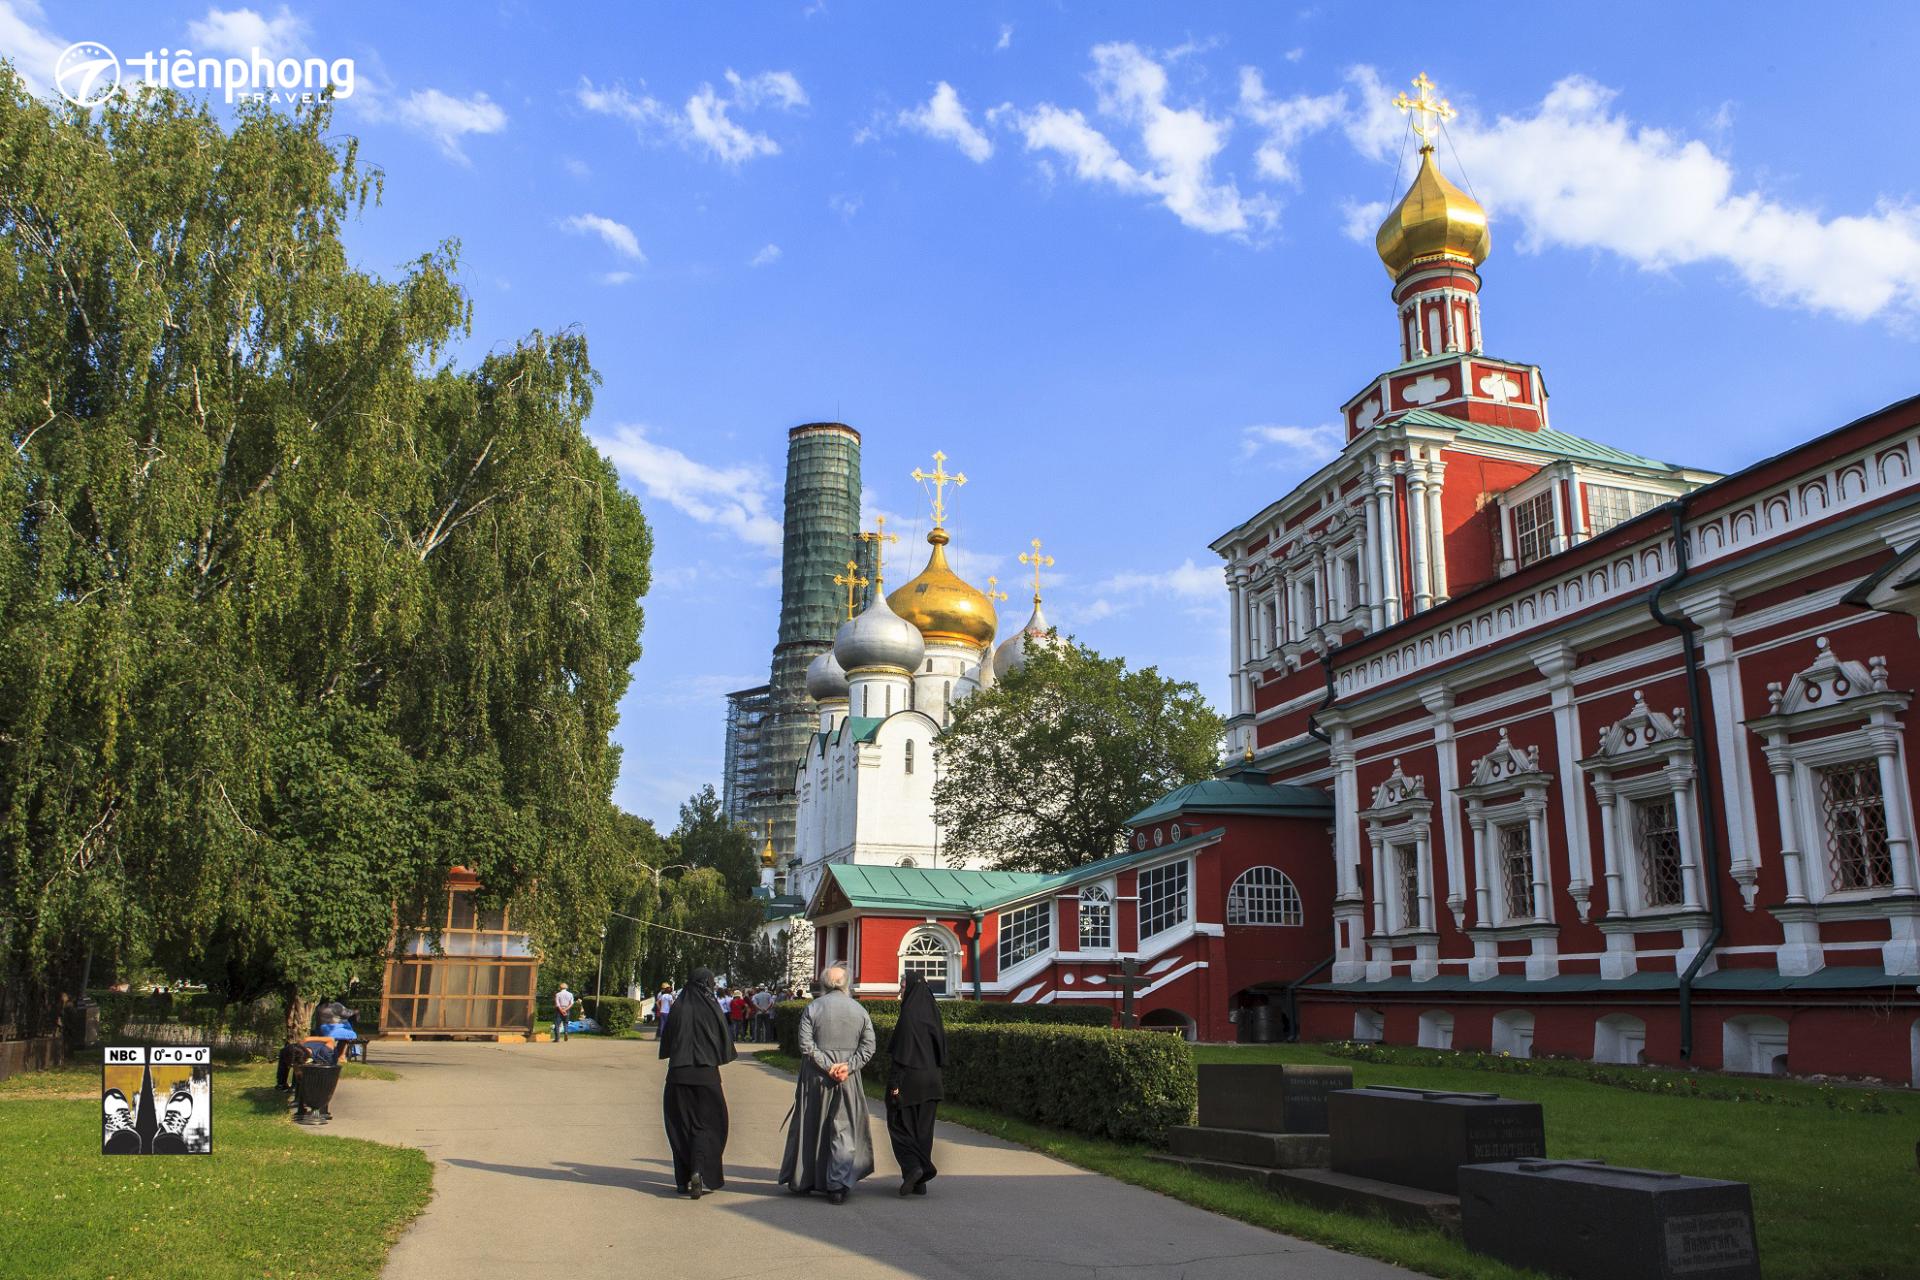 Tổng hợp các nhà thờ nổi tiếng ở Nga